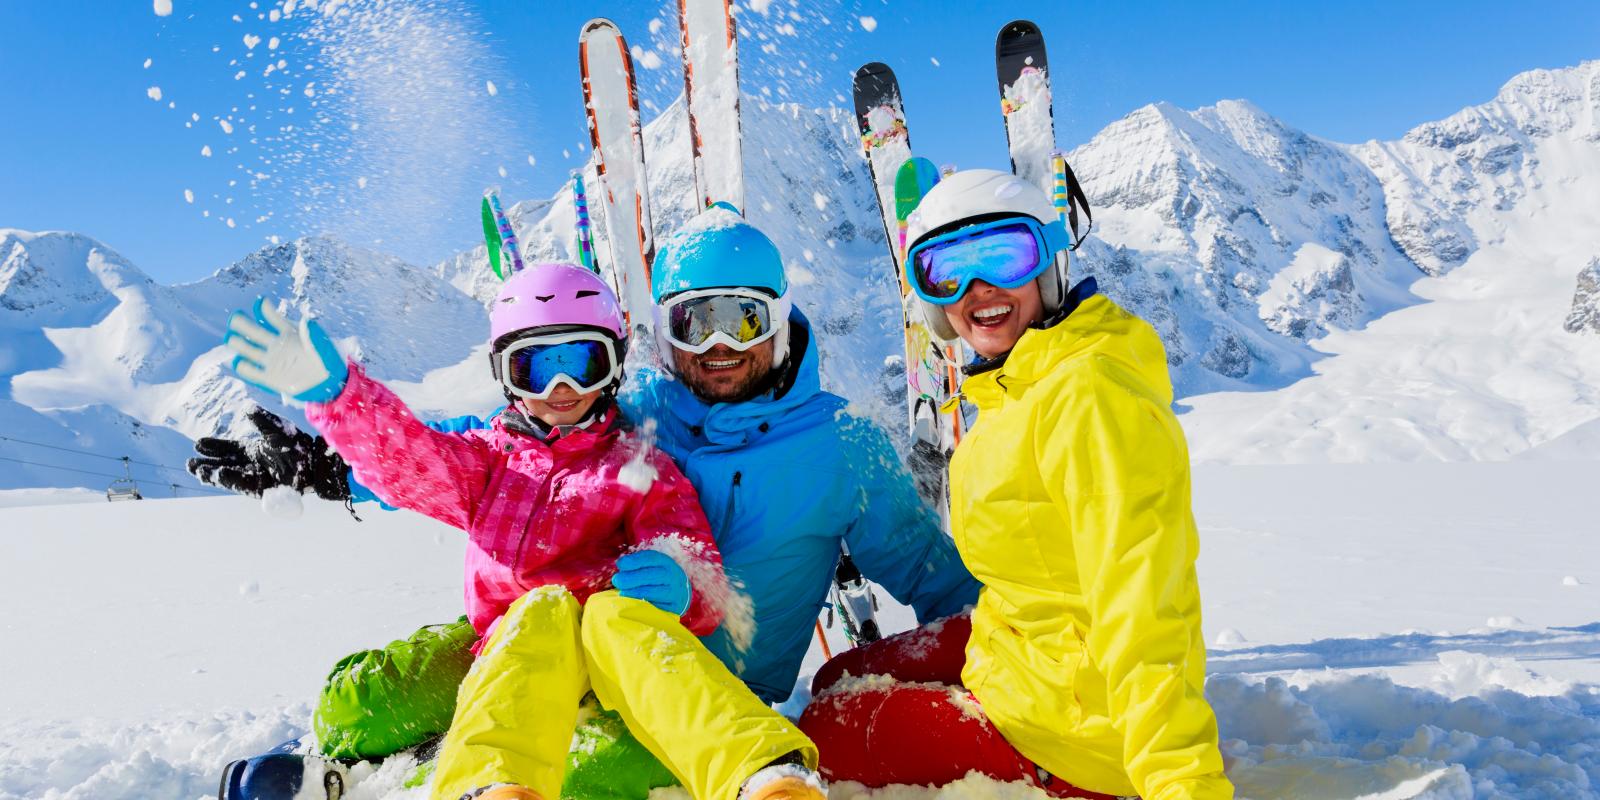 wintersport met het gezin